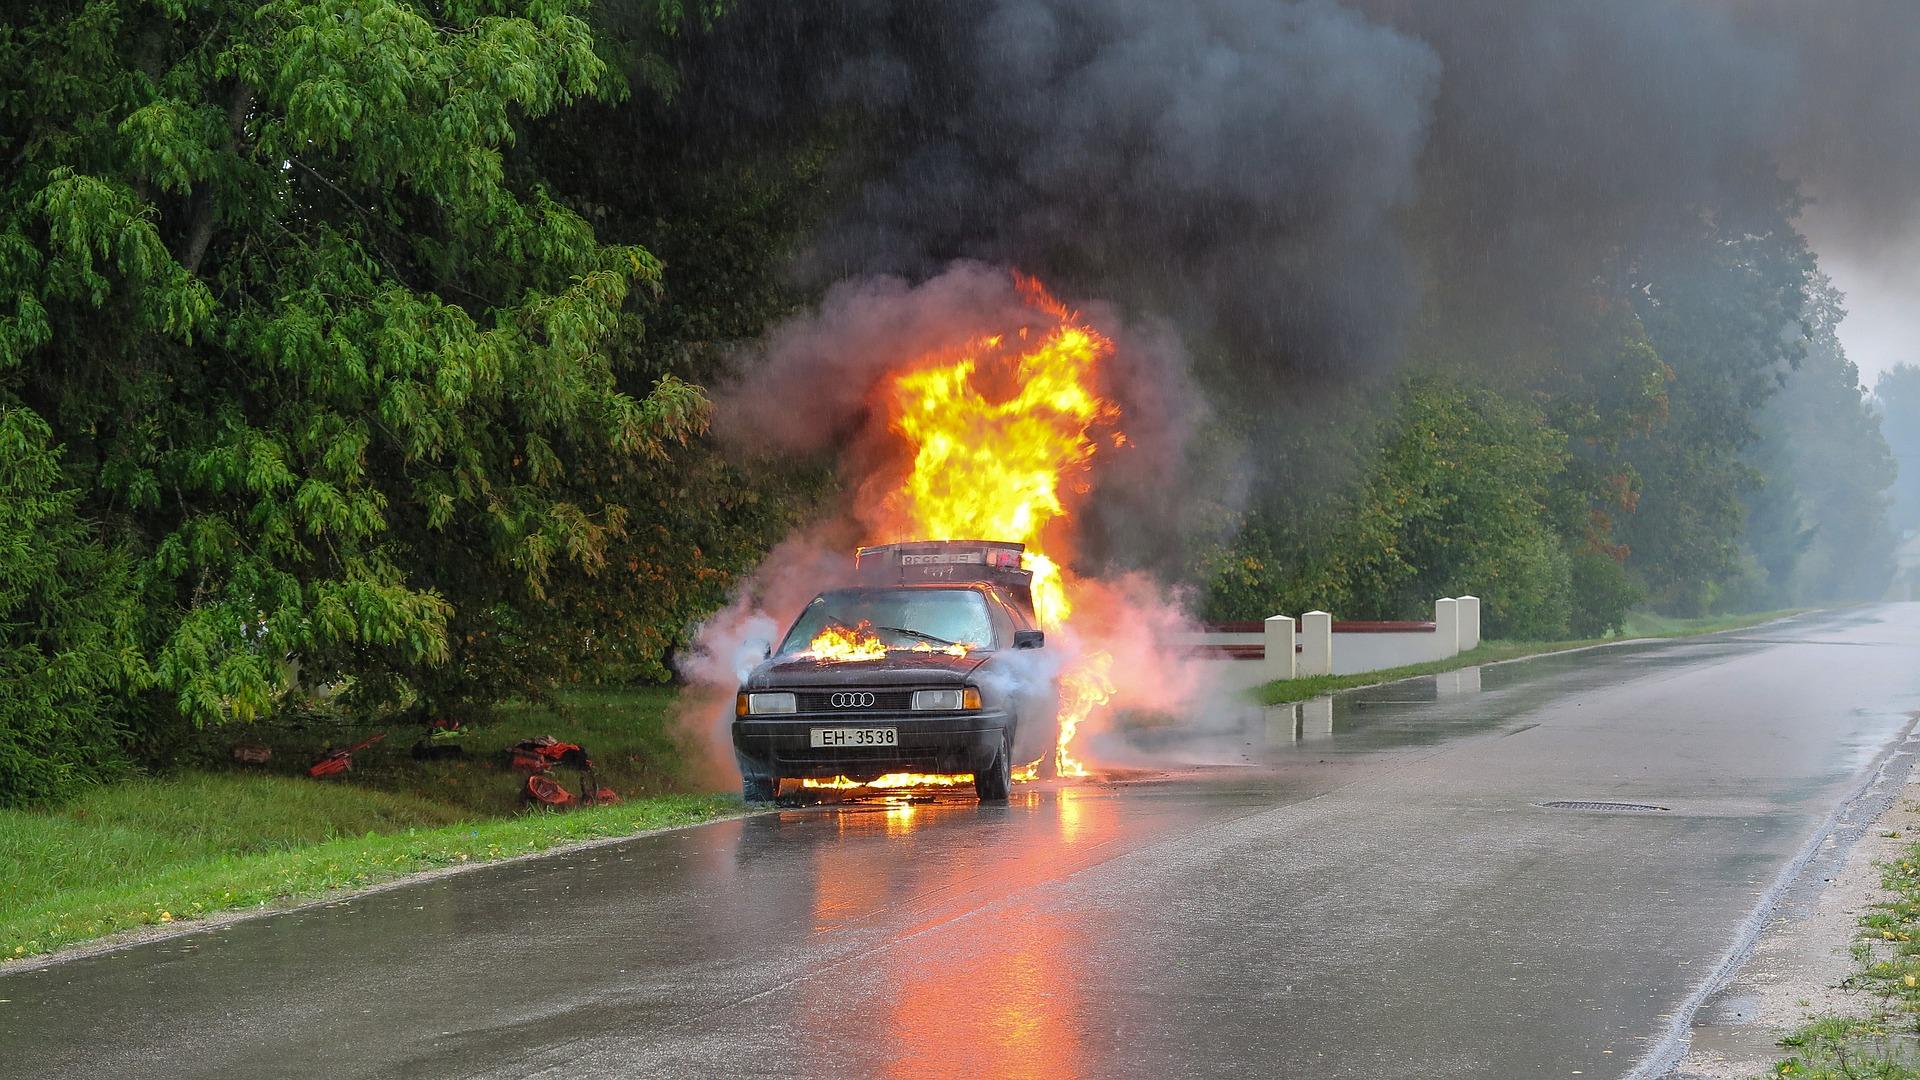 Foto de um carro pegando fogo no meio de uma estrada com árvores ao redor. Imagem ilustrativa para o texto perda de cobertura do seguro auto.